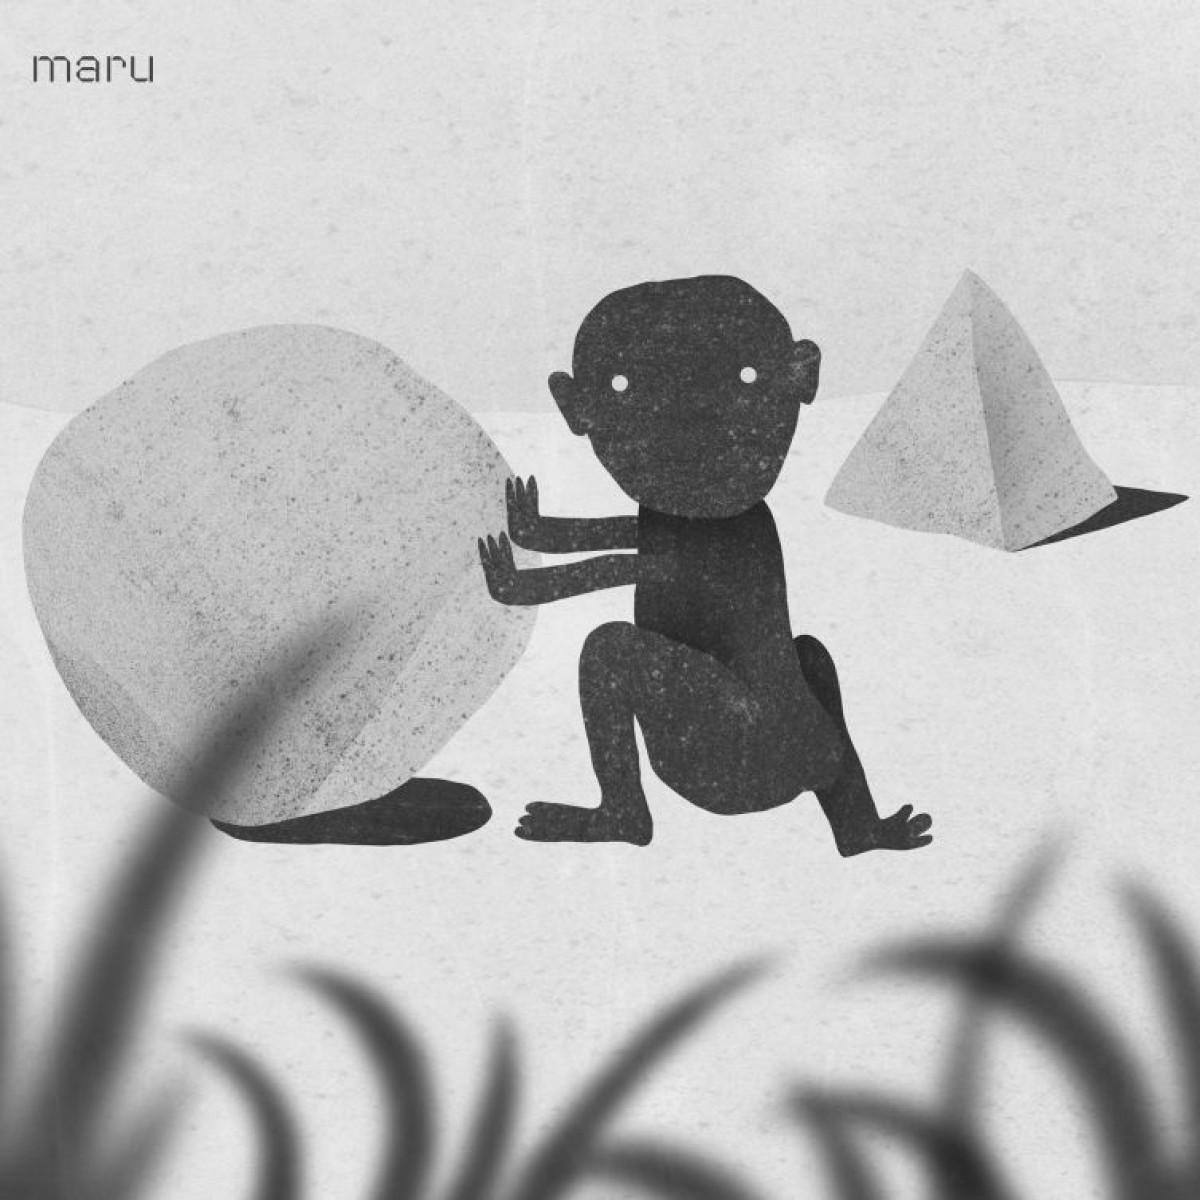 Lulla - Zandalar EP [Maru]